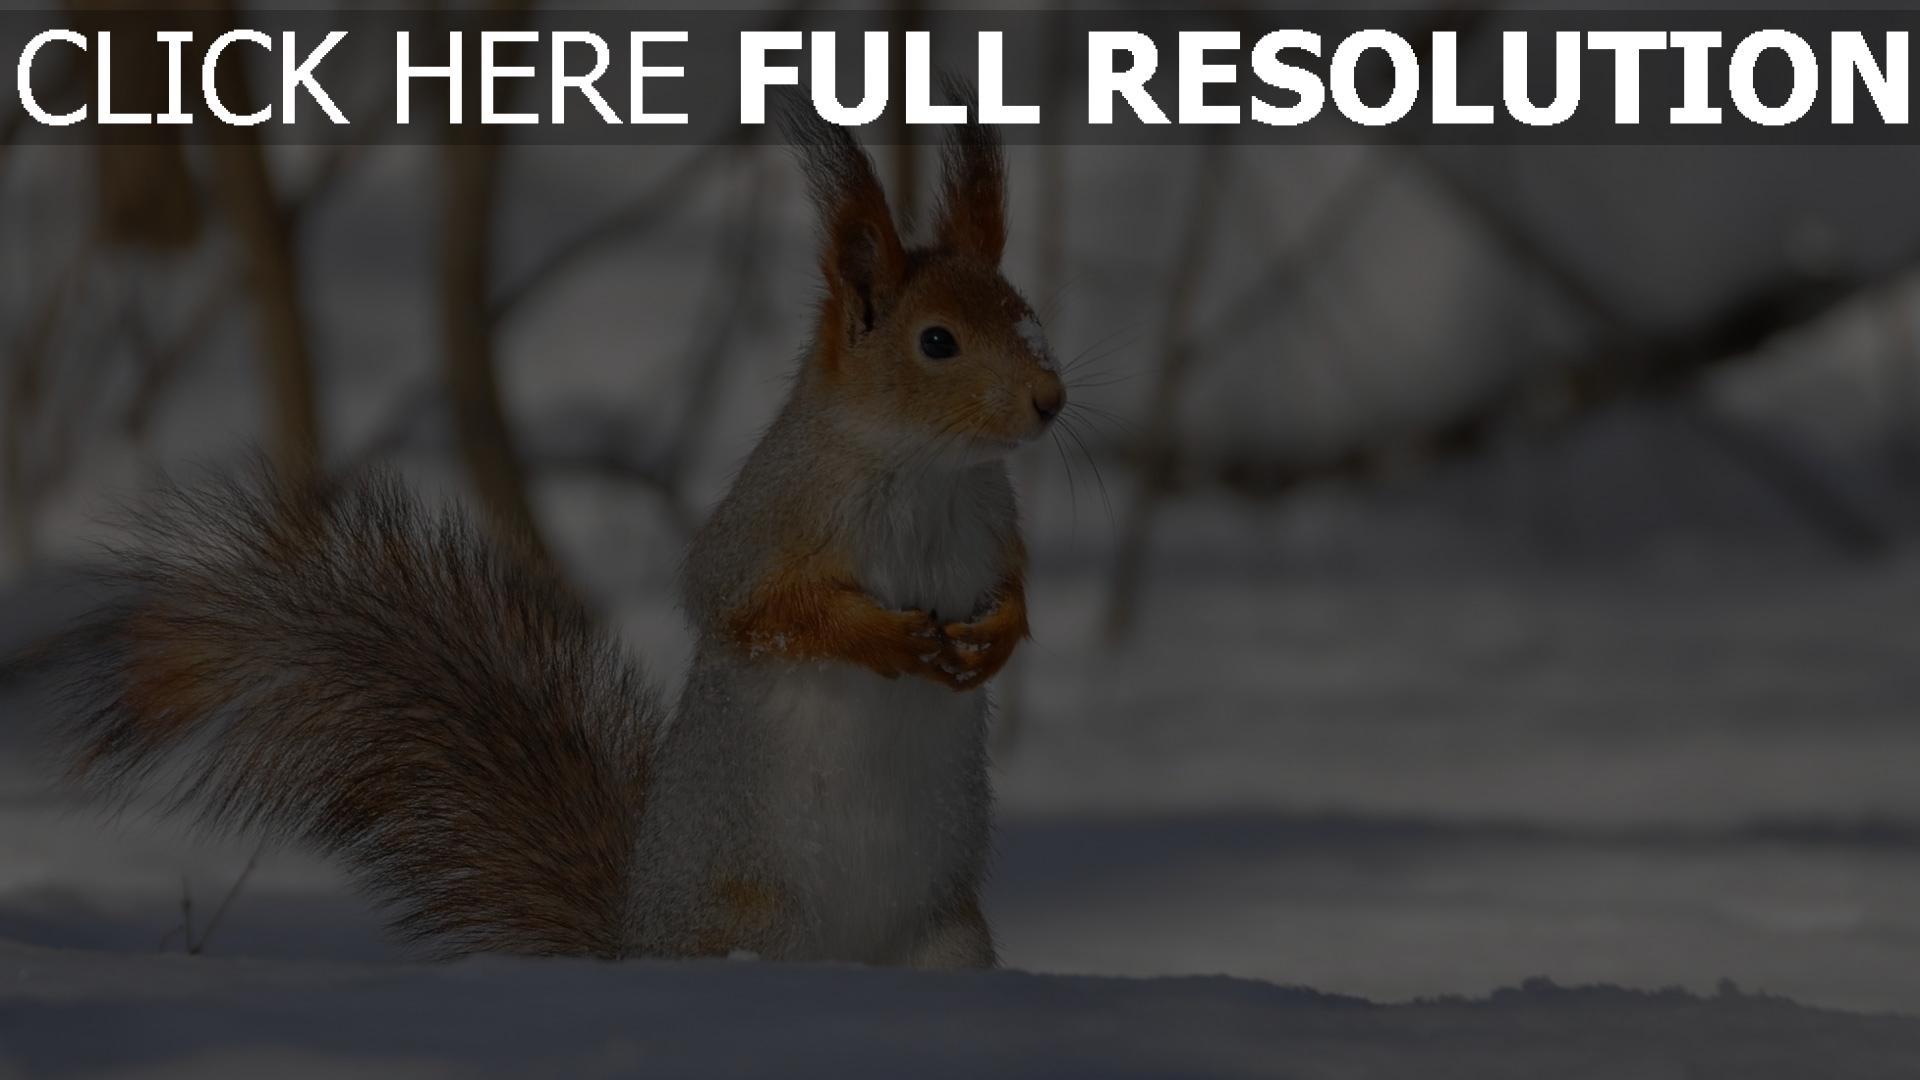 fond d'écran 1920x1080 écureuil hiver museau gros plan